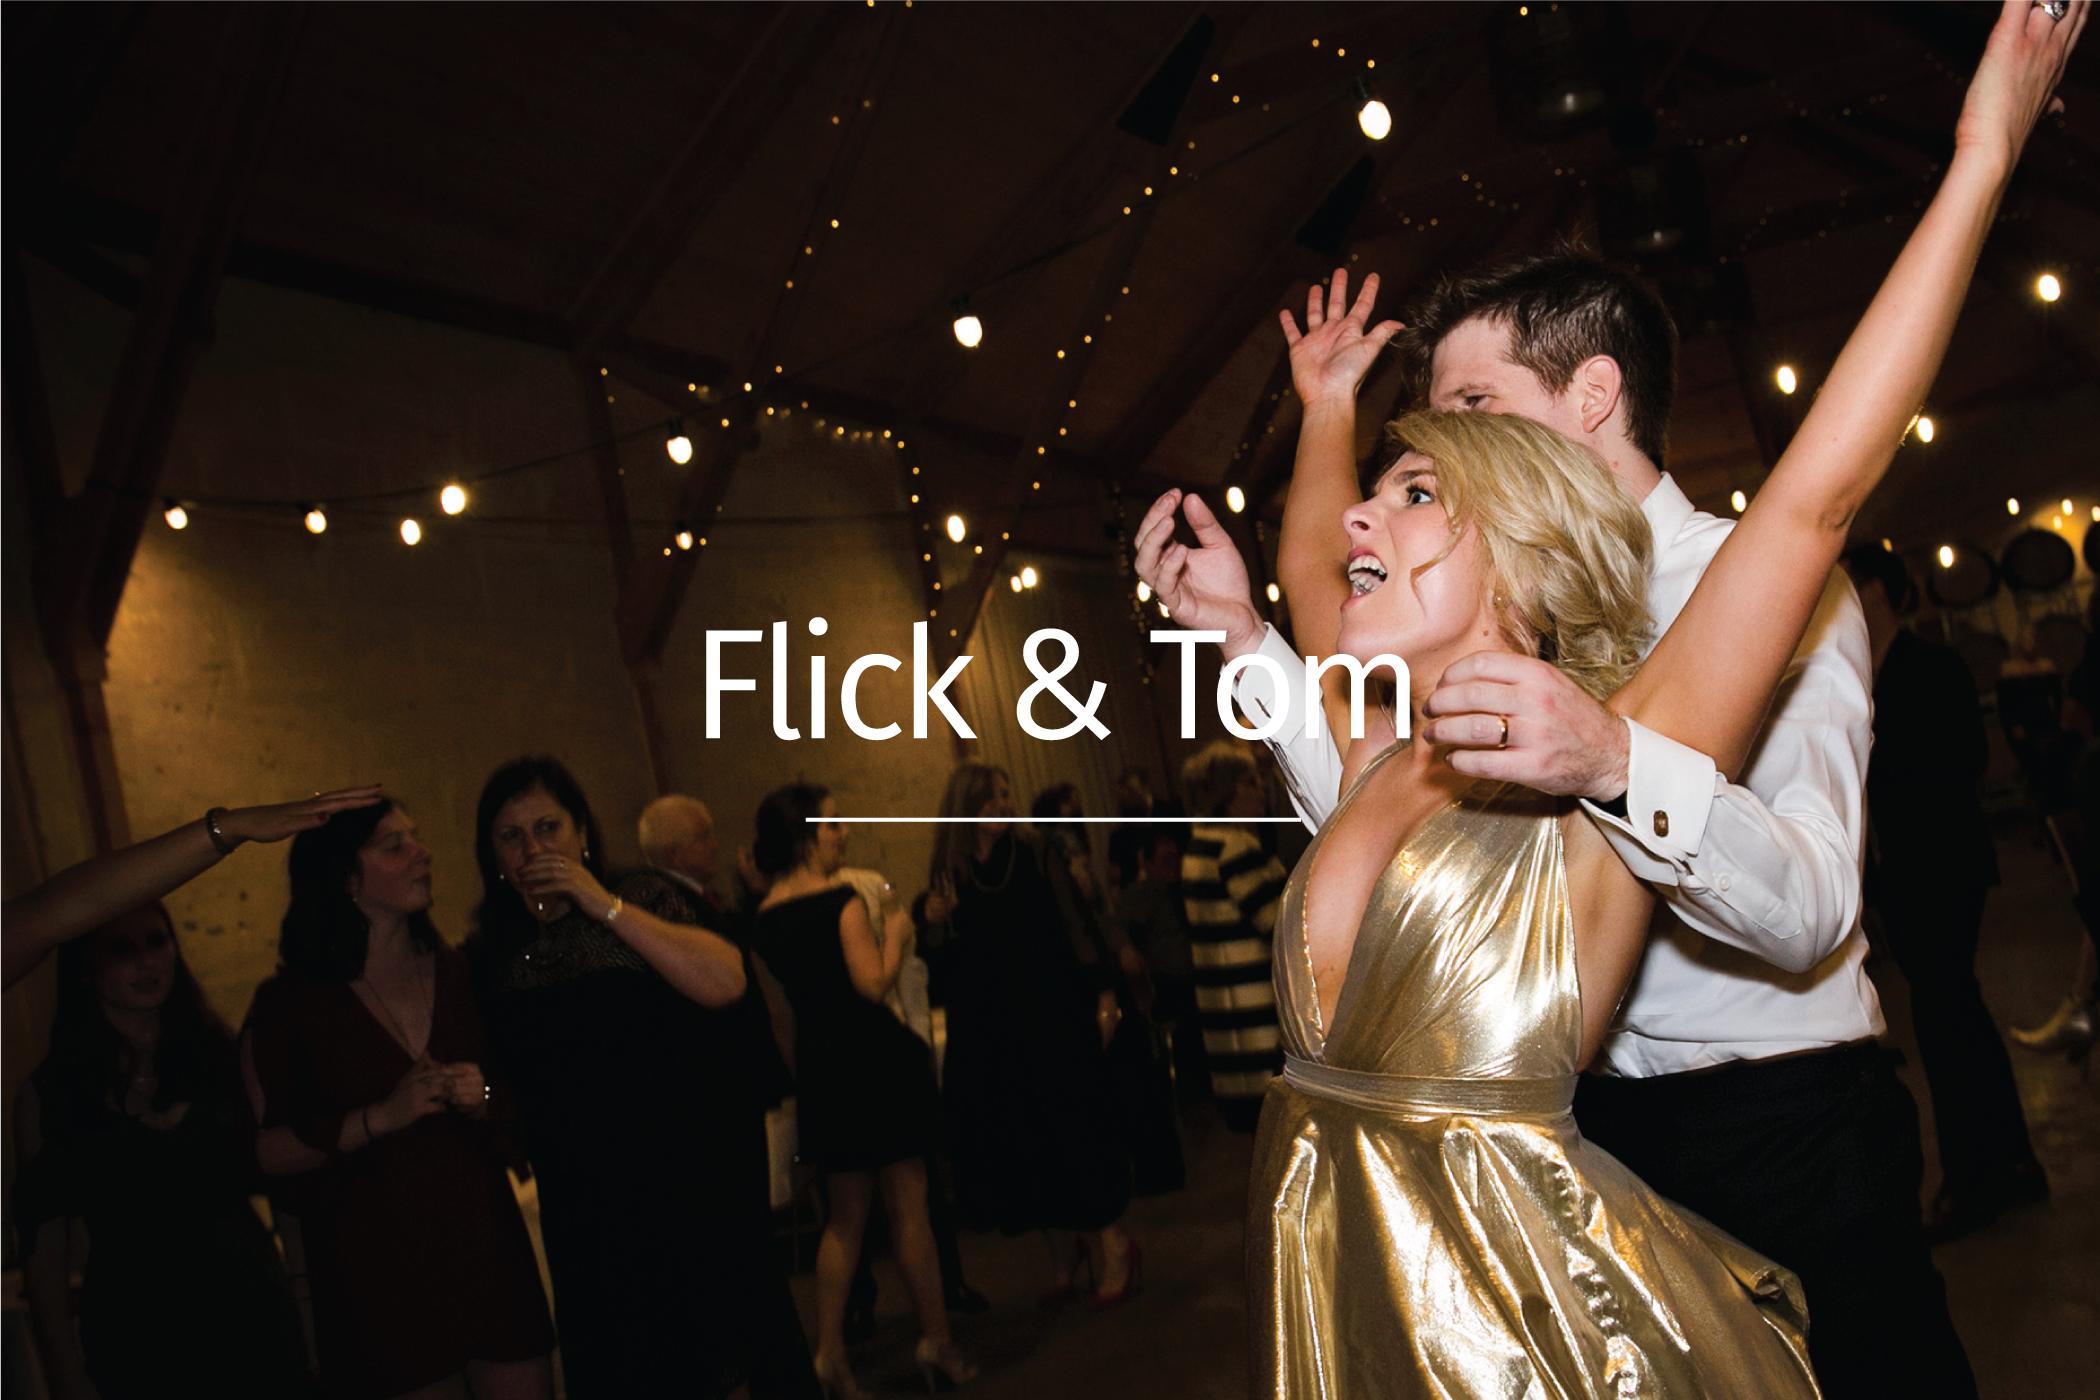 Flick-and-Tom-thumbnail.jpg